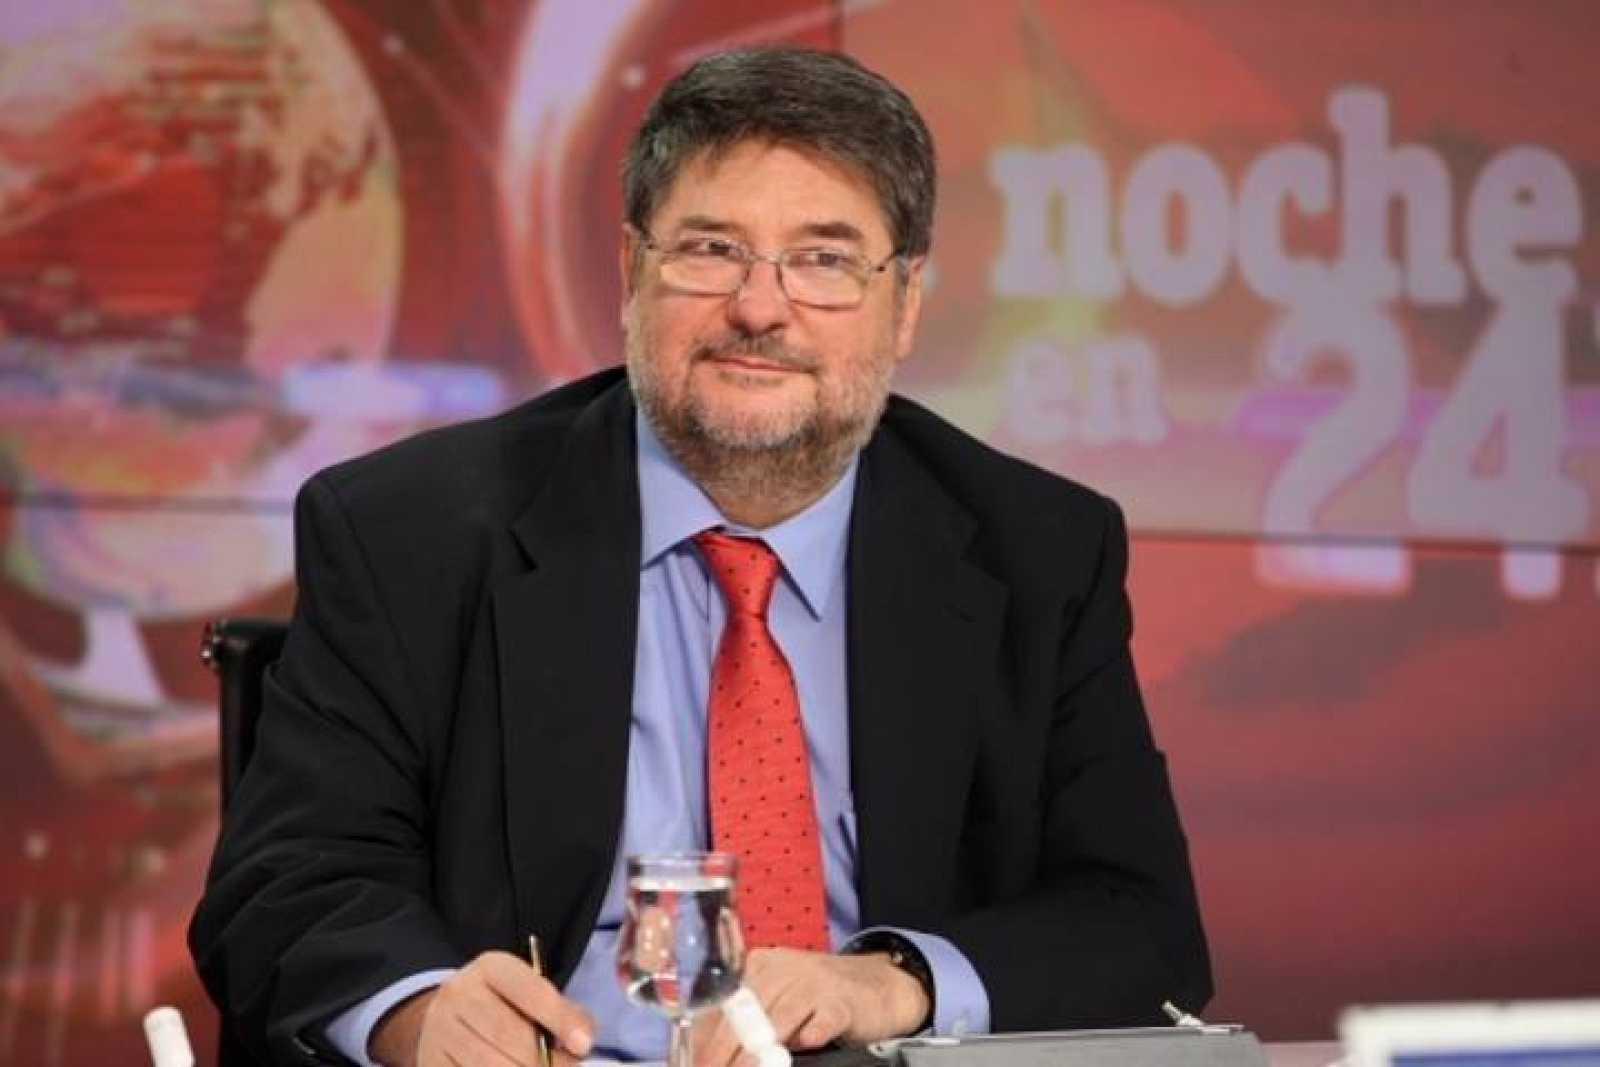 José María Brunet